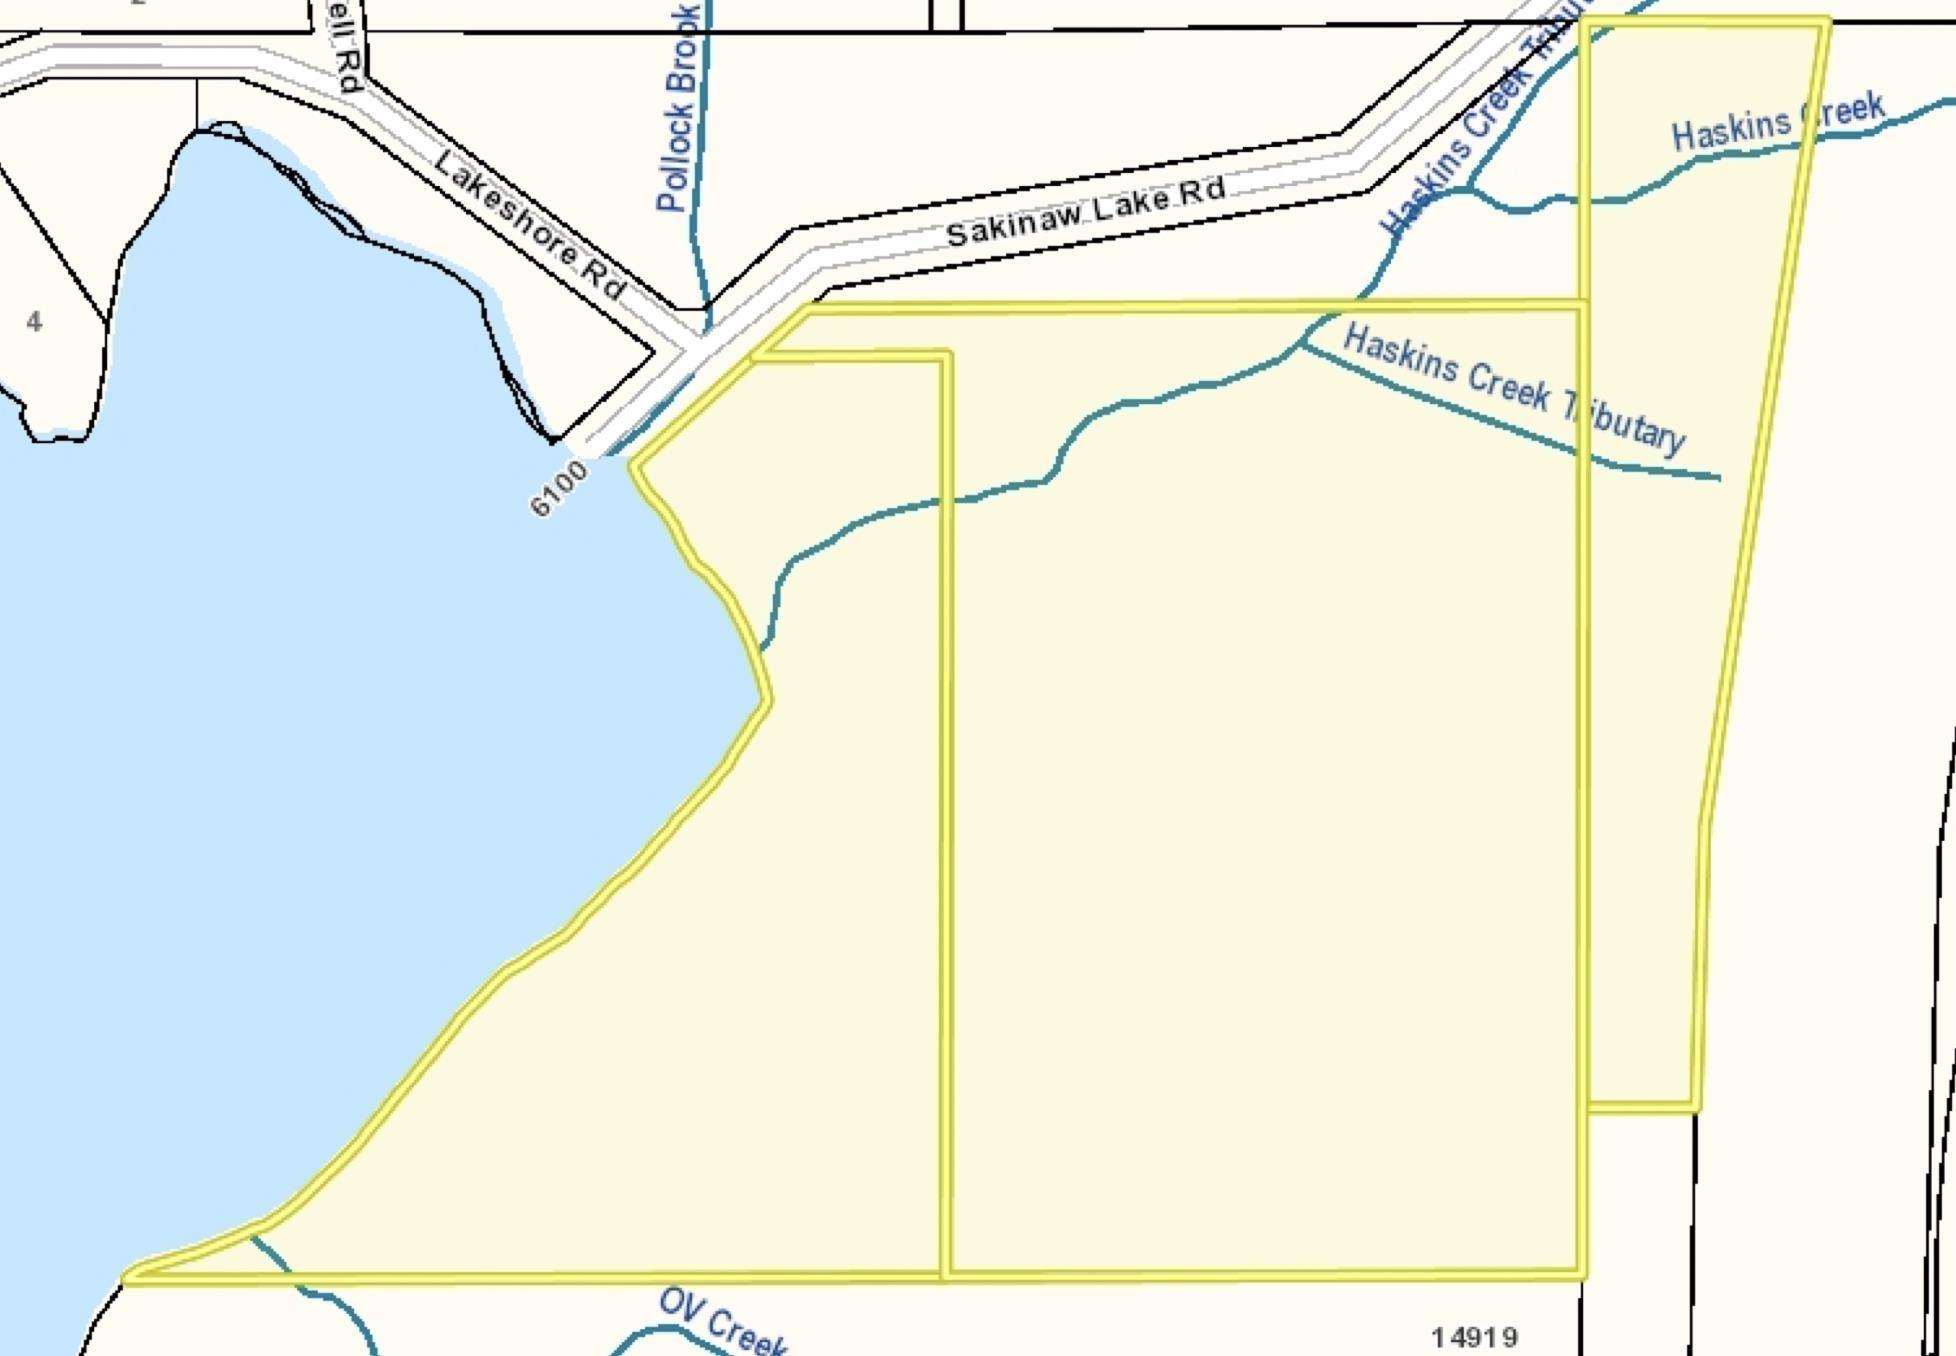 6100 SAKINAW LAKE ROAD